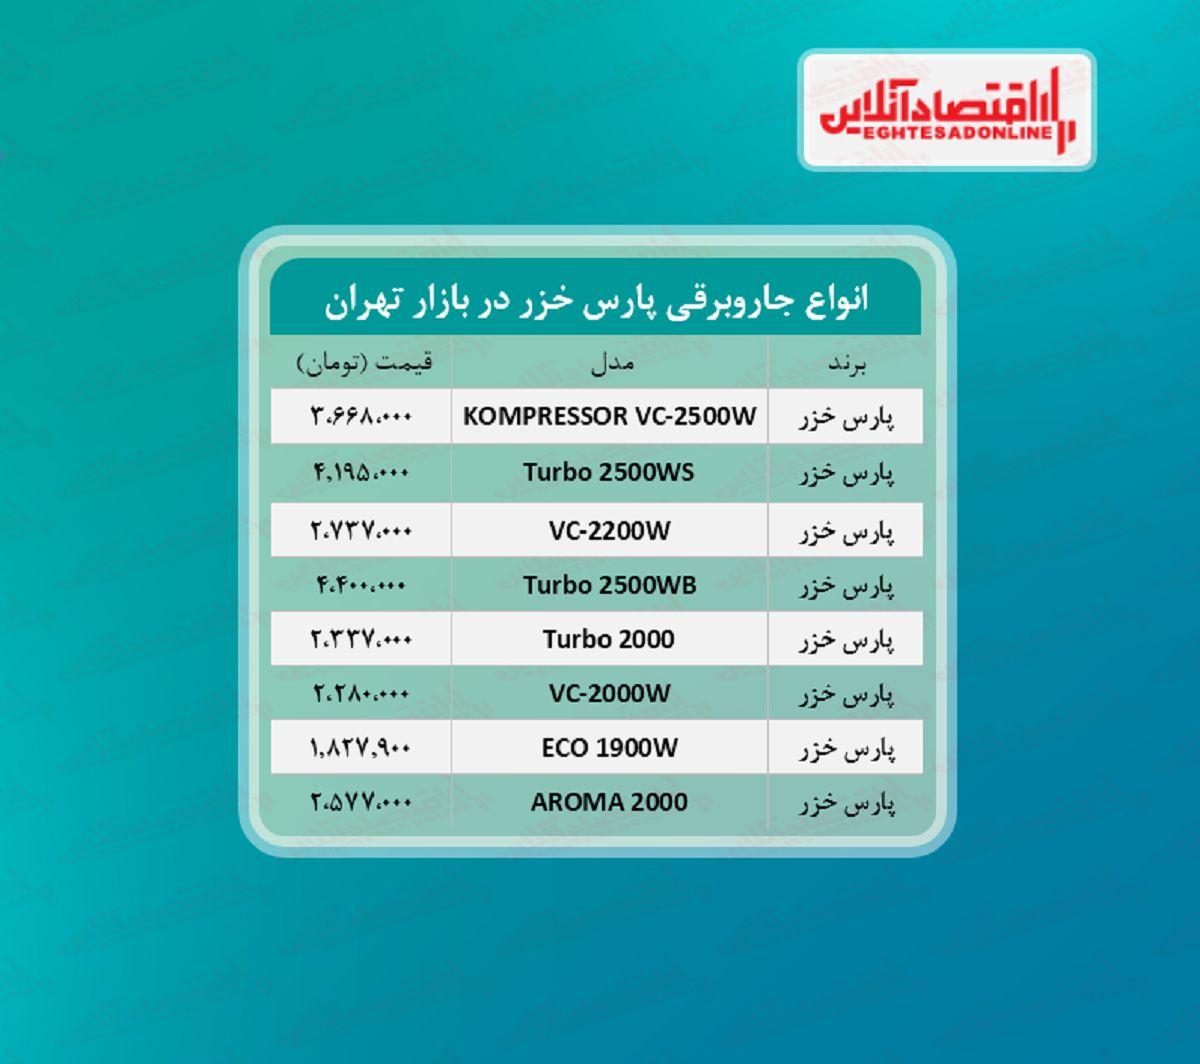 قیمت جدید جاروبرقی پارس خزر + جدول